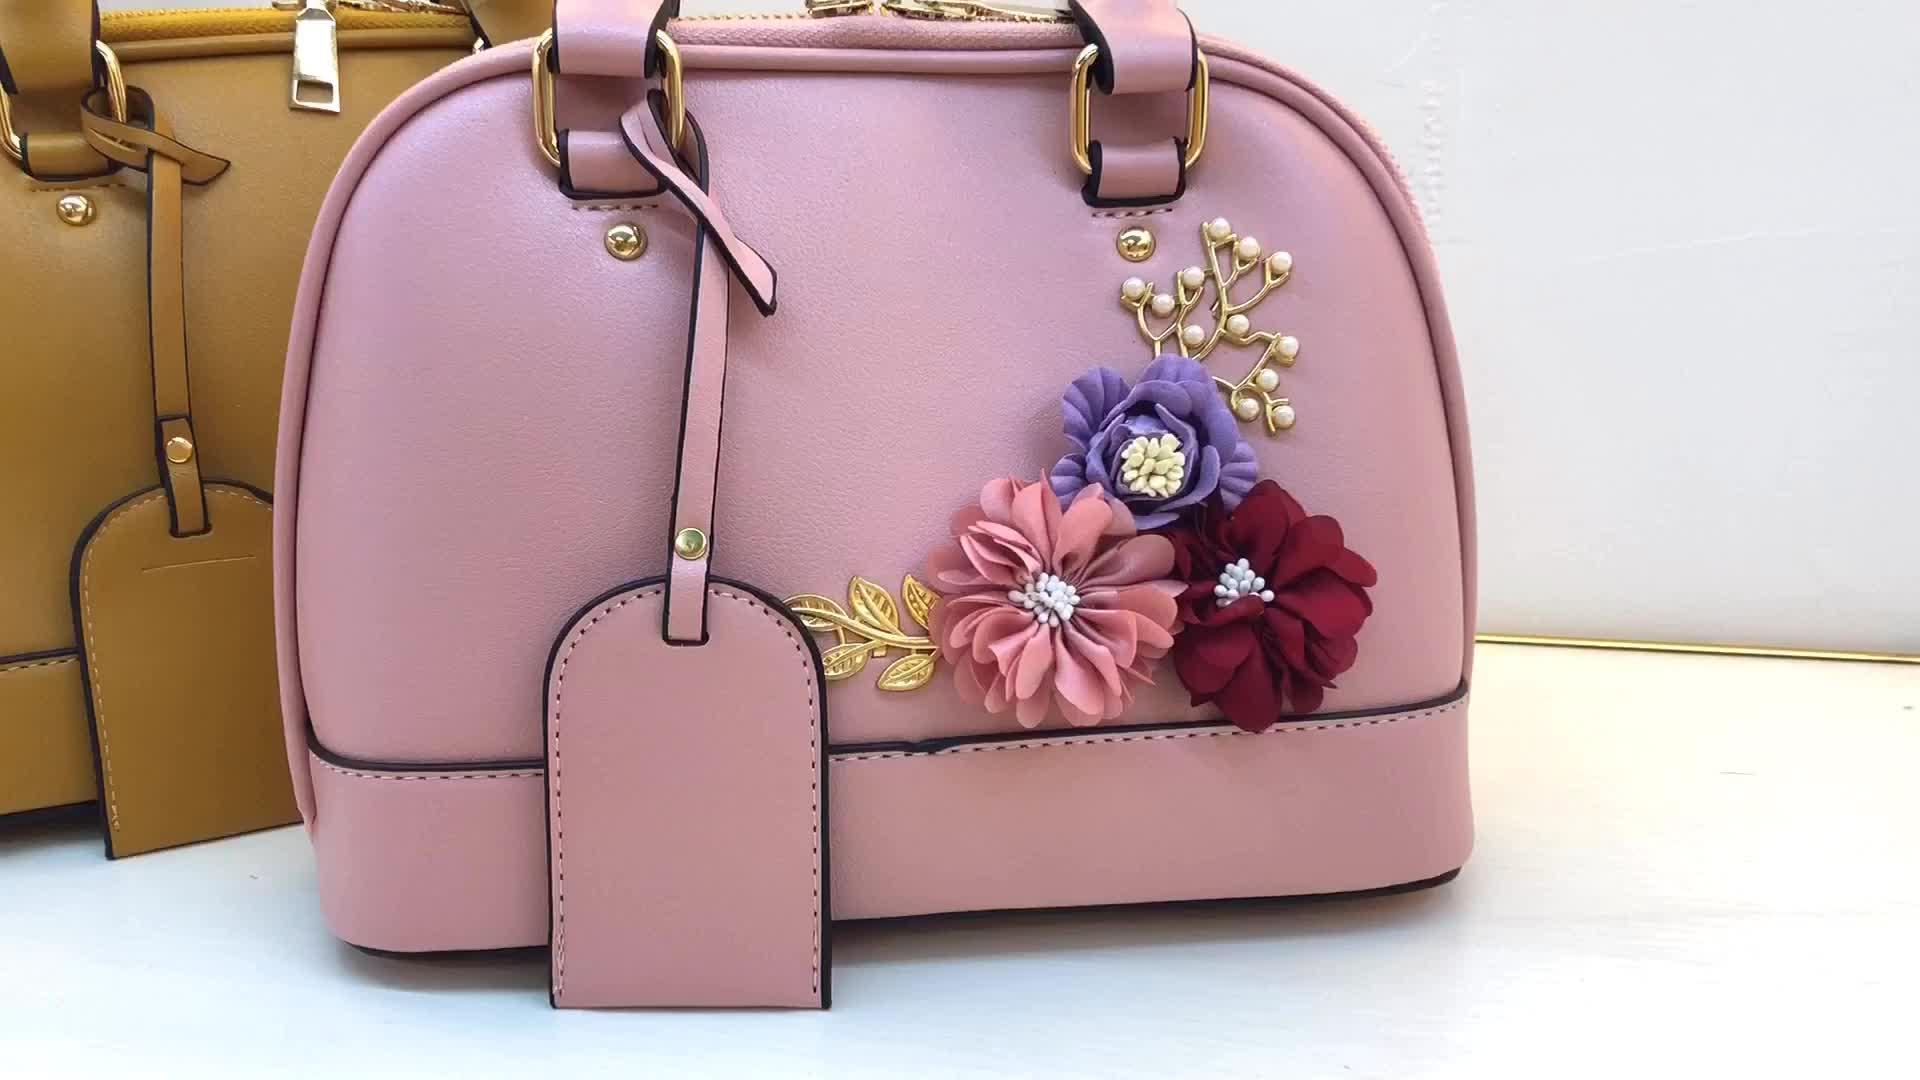 卸売夏中国サプライヤーホット販売の花のトートバッグの女性のハンドバッグ 2019